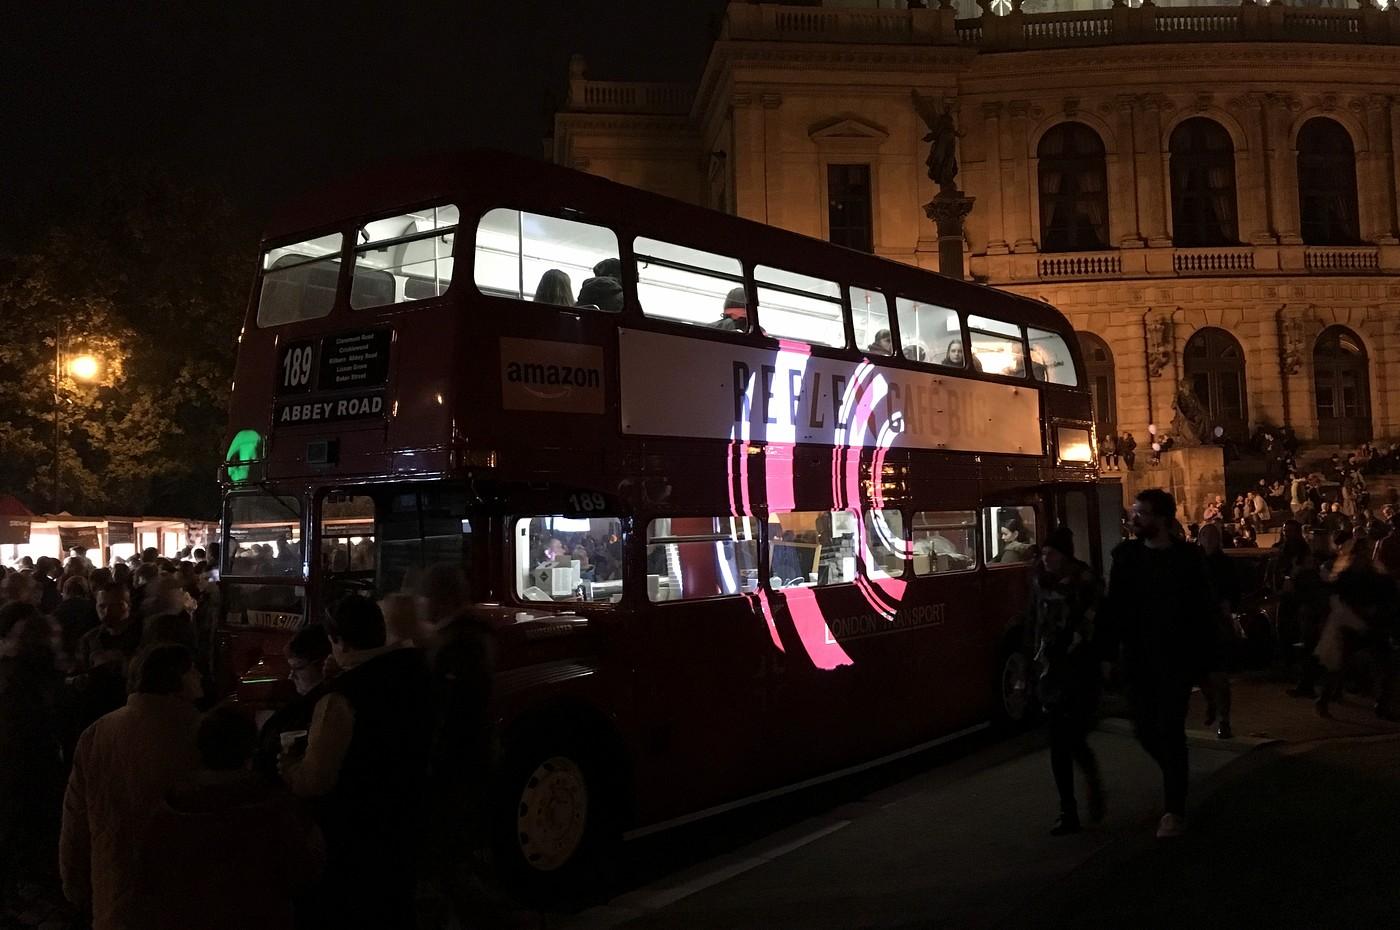 REFLEX Café bus